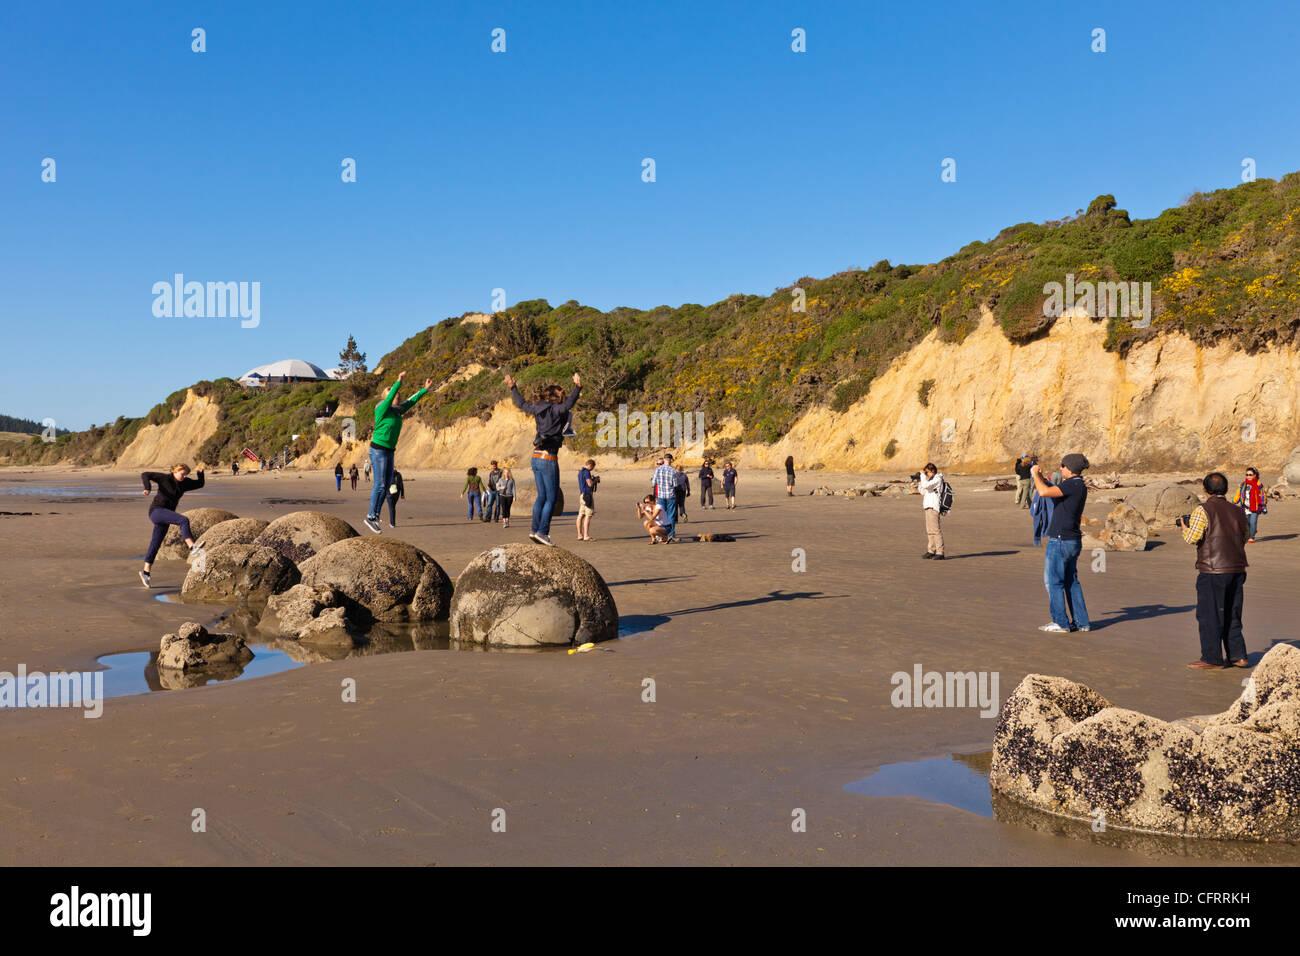 Les touristes à poser et prendre des photos à Moeraki Boulders à marée basse, Otago, Nouvelle-Zélande. Banque D'Images